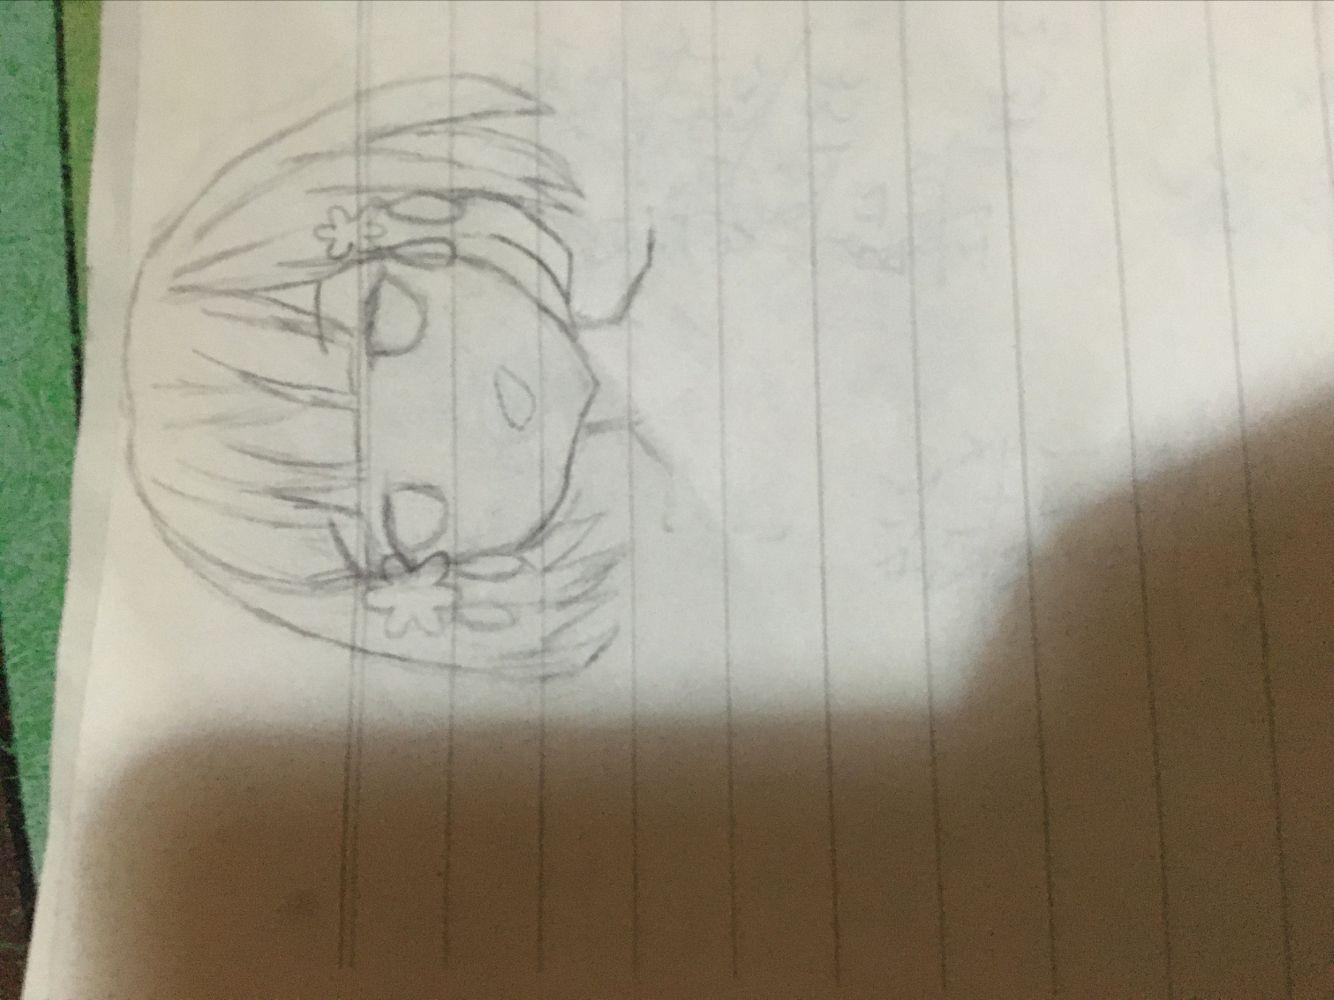 【手绘】个人第一次尝试画